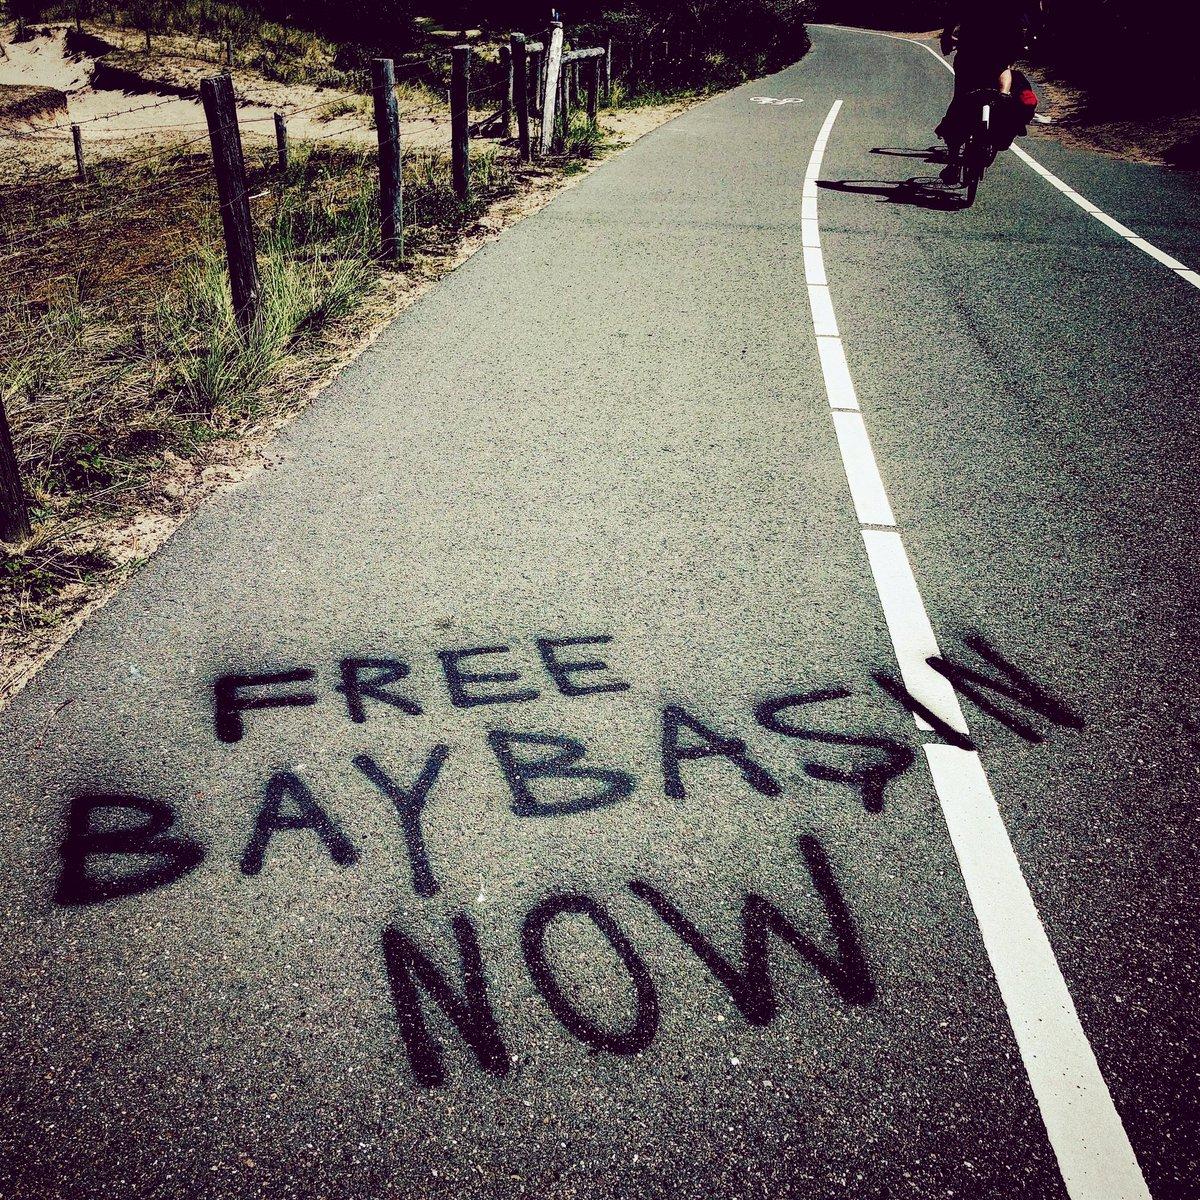 RT @Passetti: Ergens op een zonovergoten fietspad naar het strand in Wassenaar #Baybaşin #koerd #criminaliteit https://t.co/uiB0mI3rmR